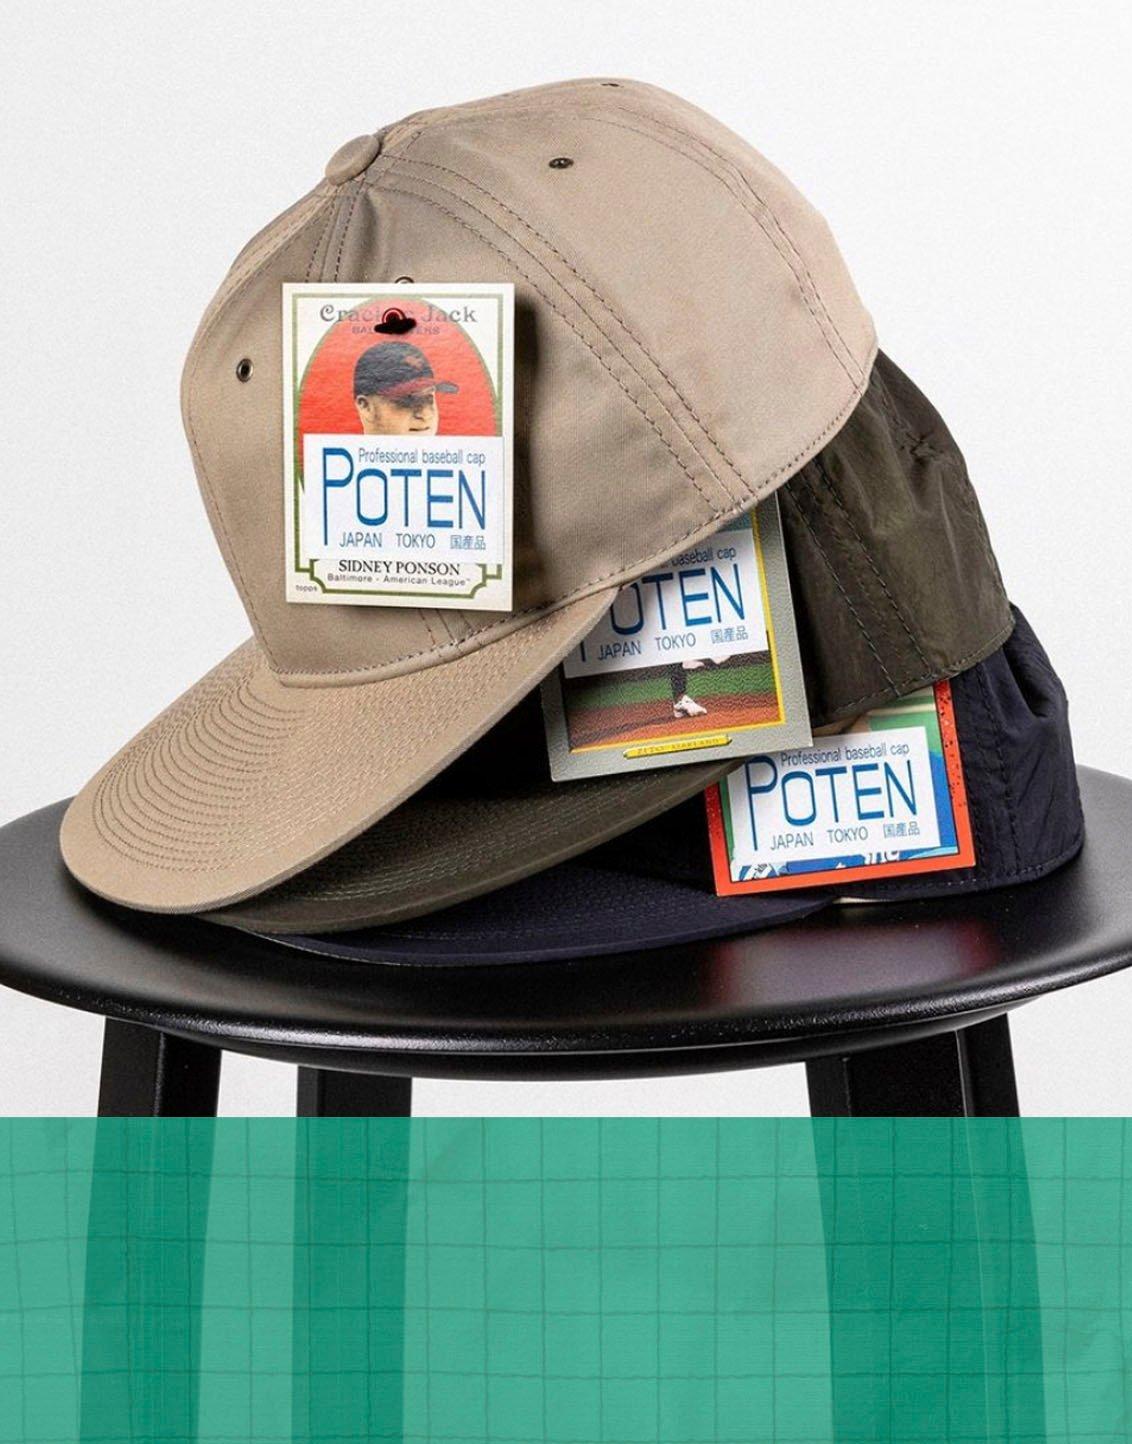 Poten Baseball Caps Sale